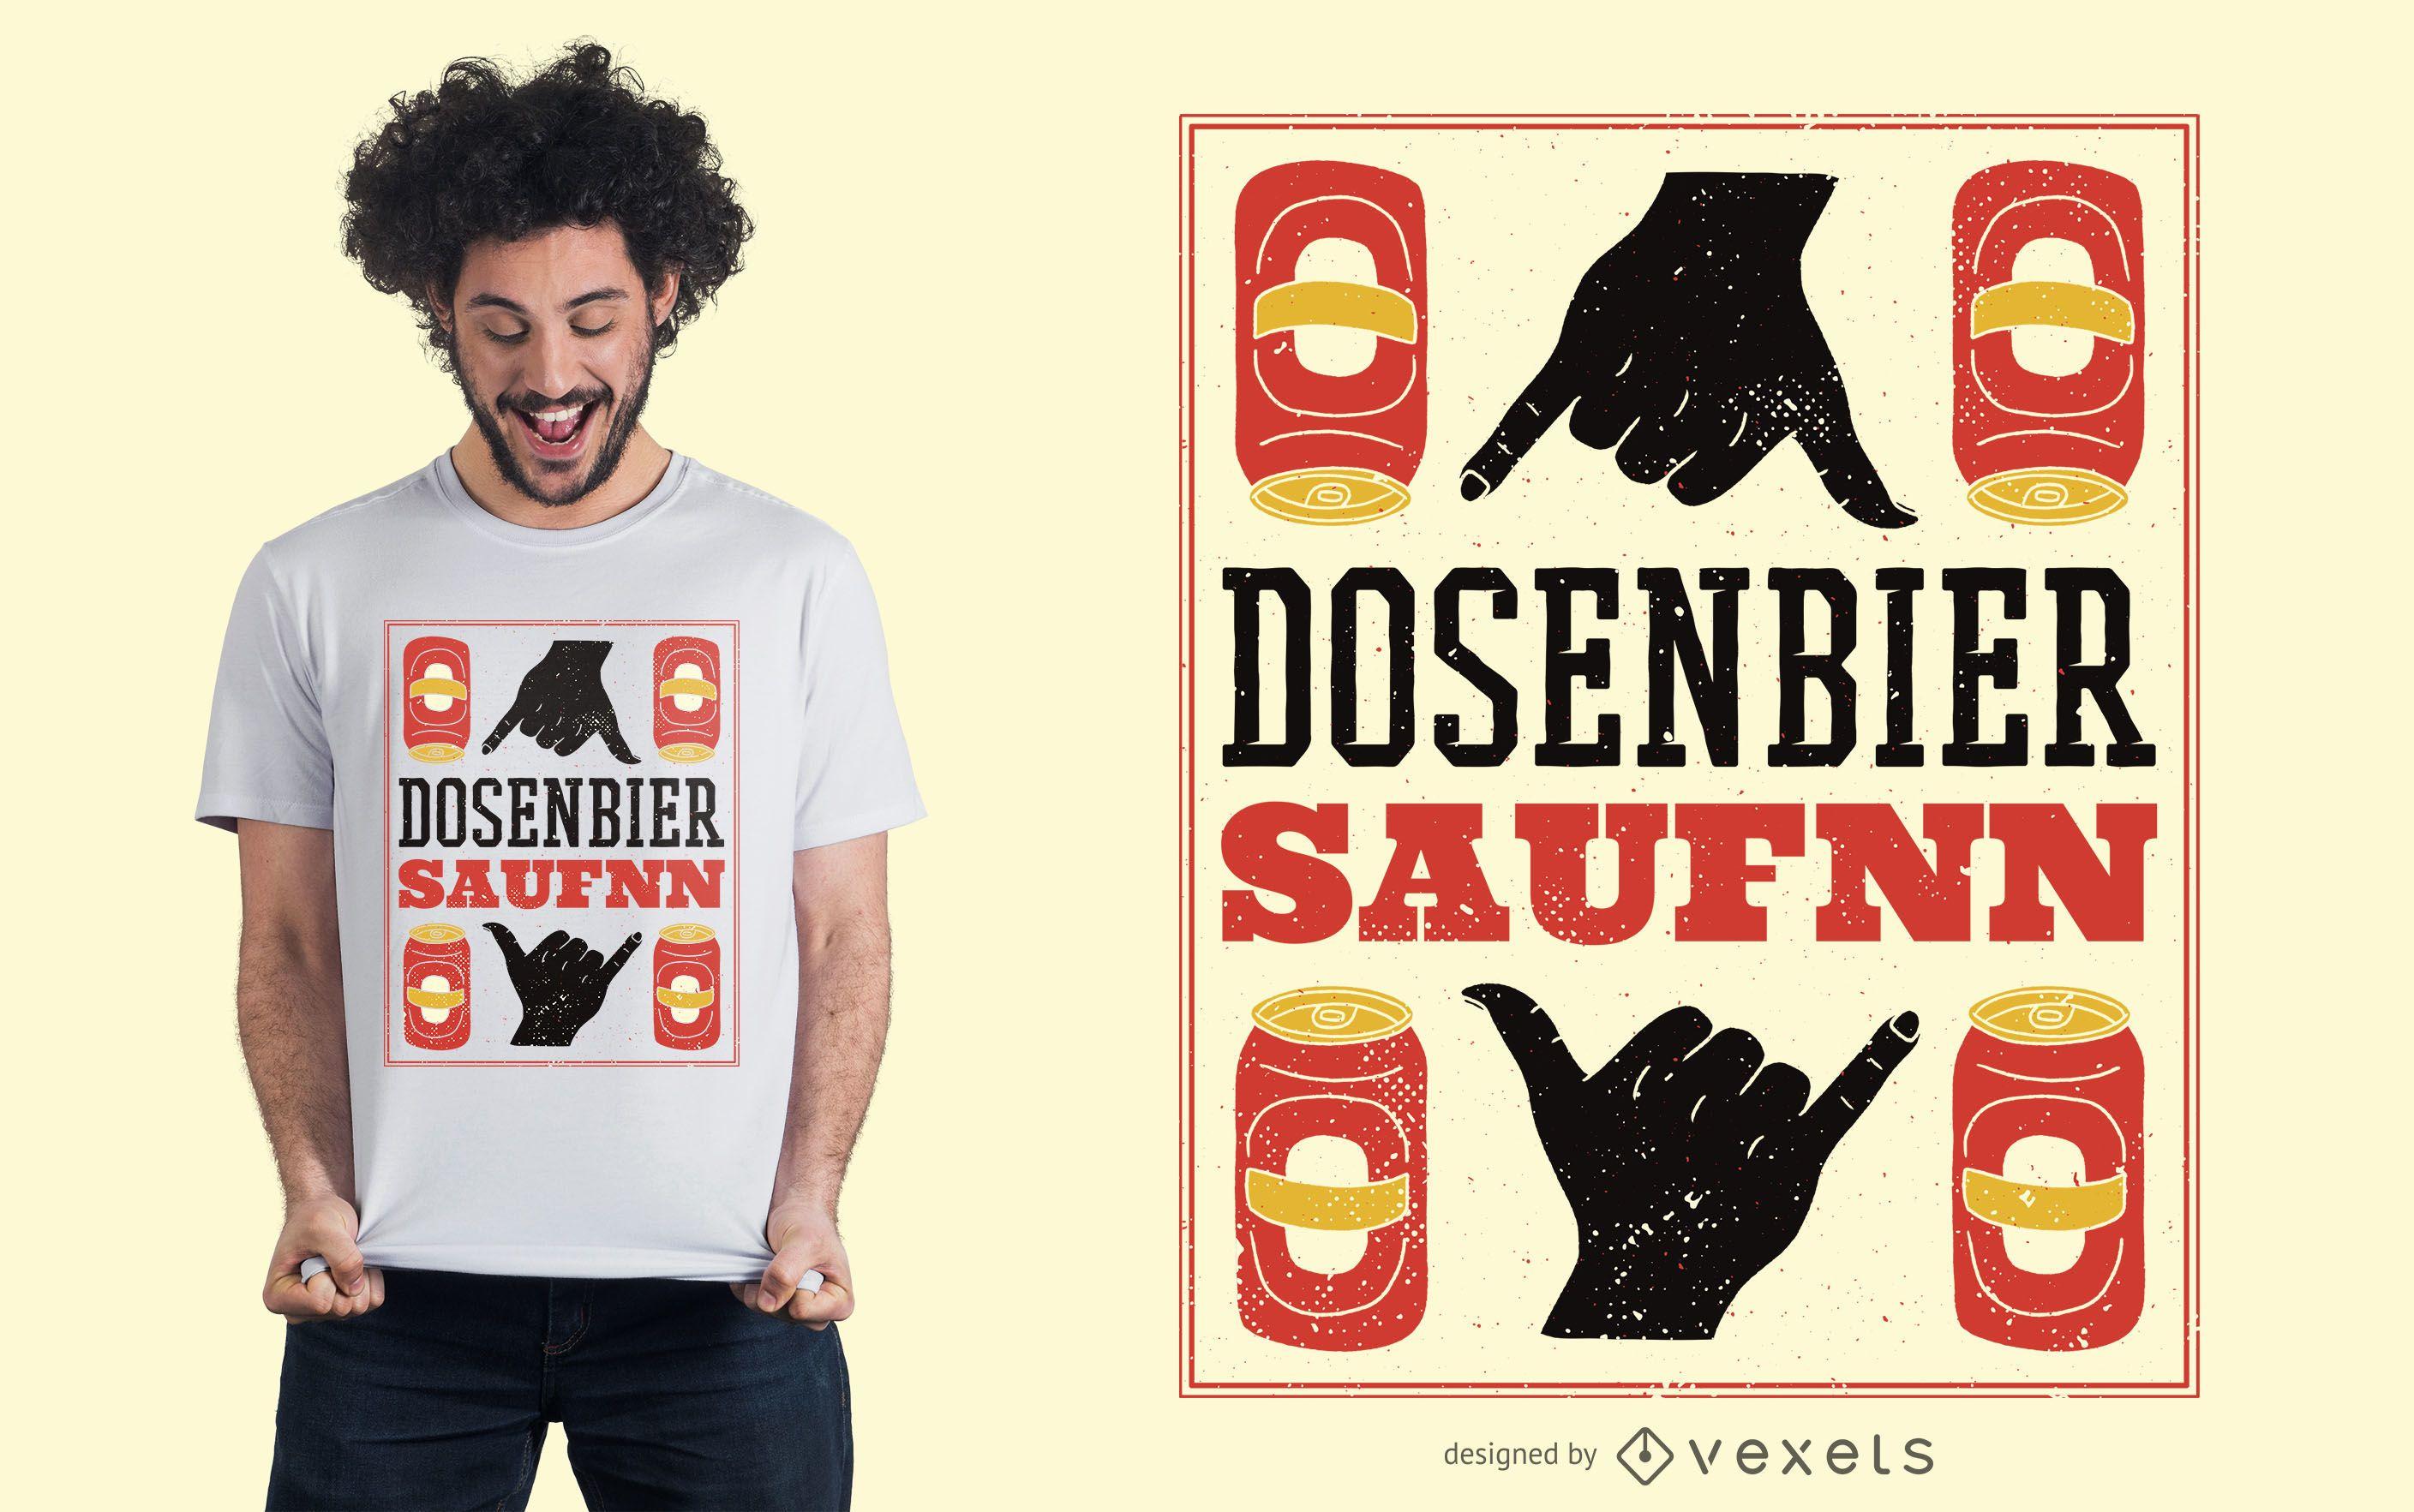 Dosenbier Deutsches T-Shirt Design